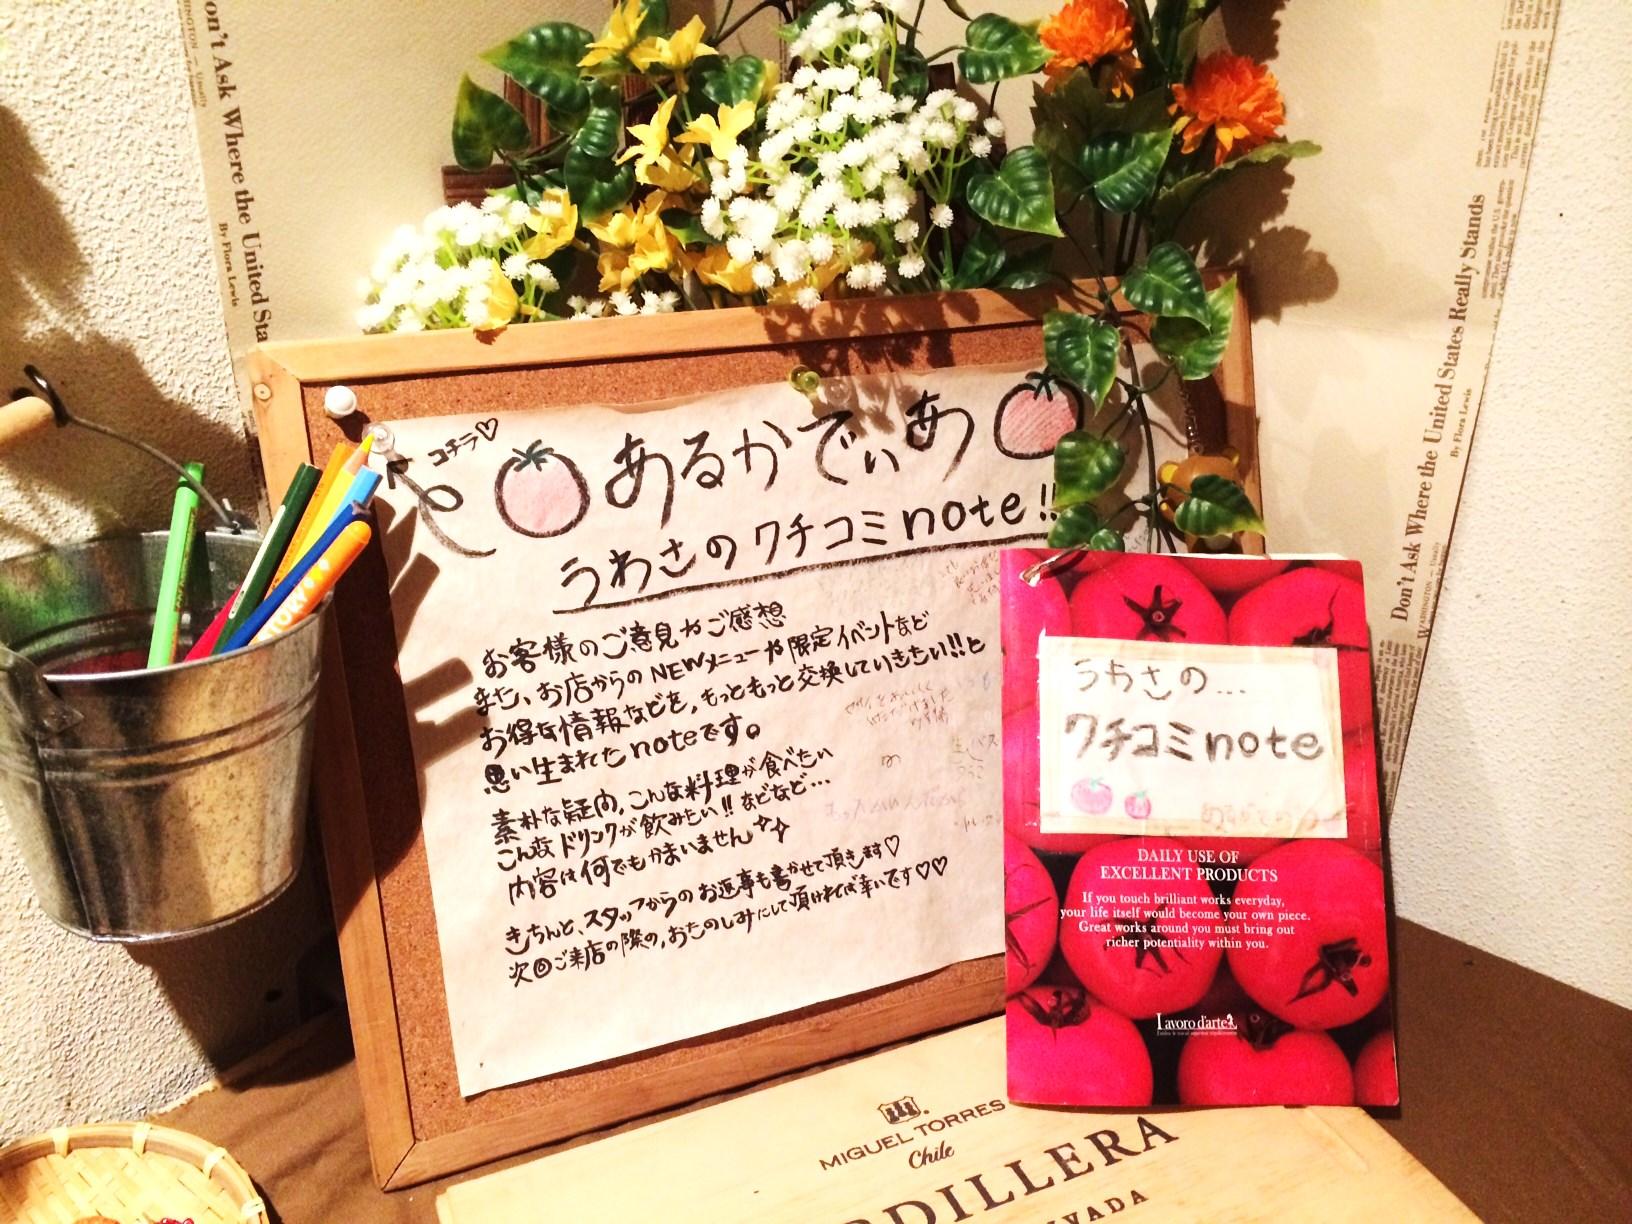 うわさの口コミノート紹介.JPG